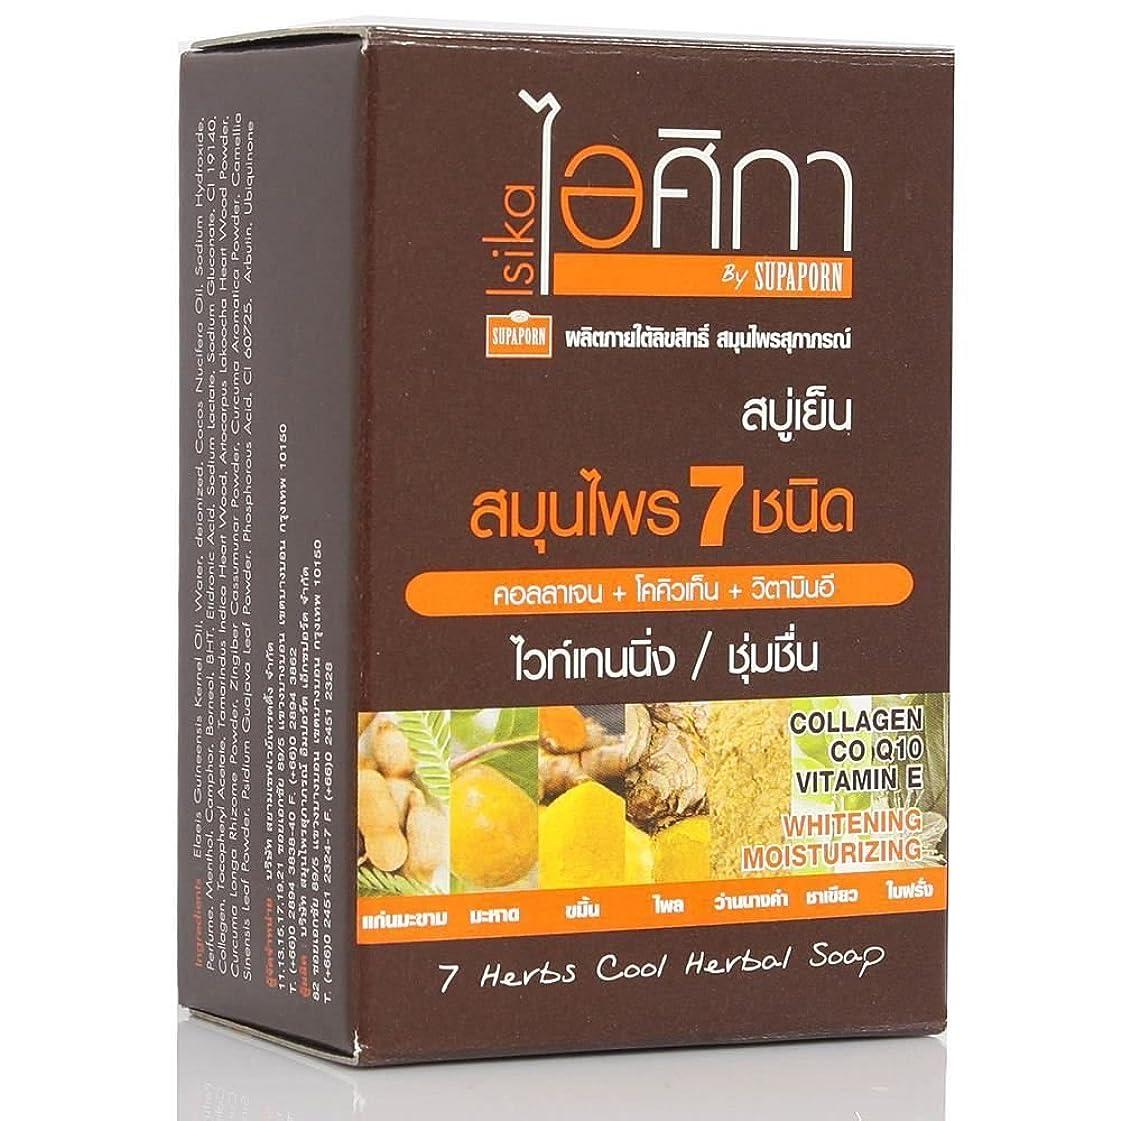 オリエンタル光電開示するIsika 7 herbs Cool Herbal Soap with Collagen, Co-enzyme Q10, Vitamin E 100g